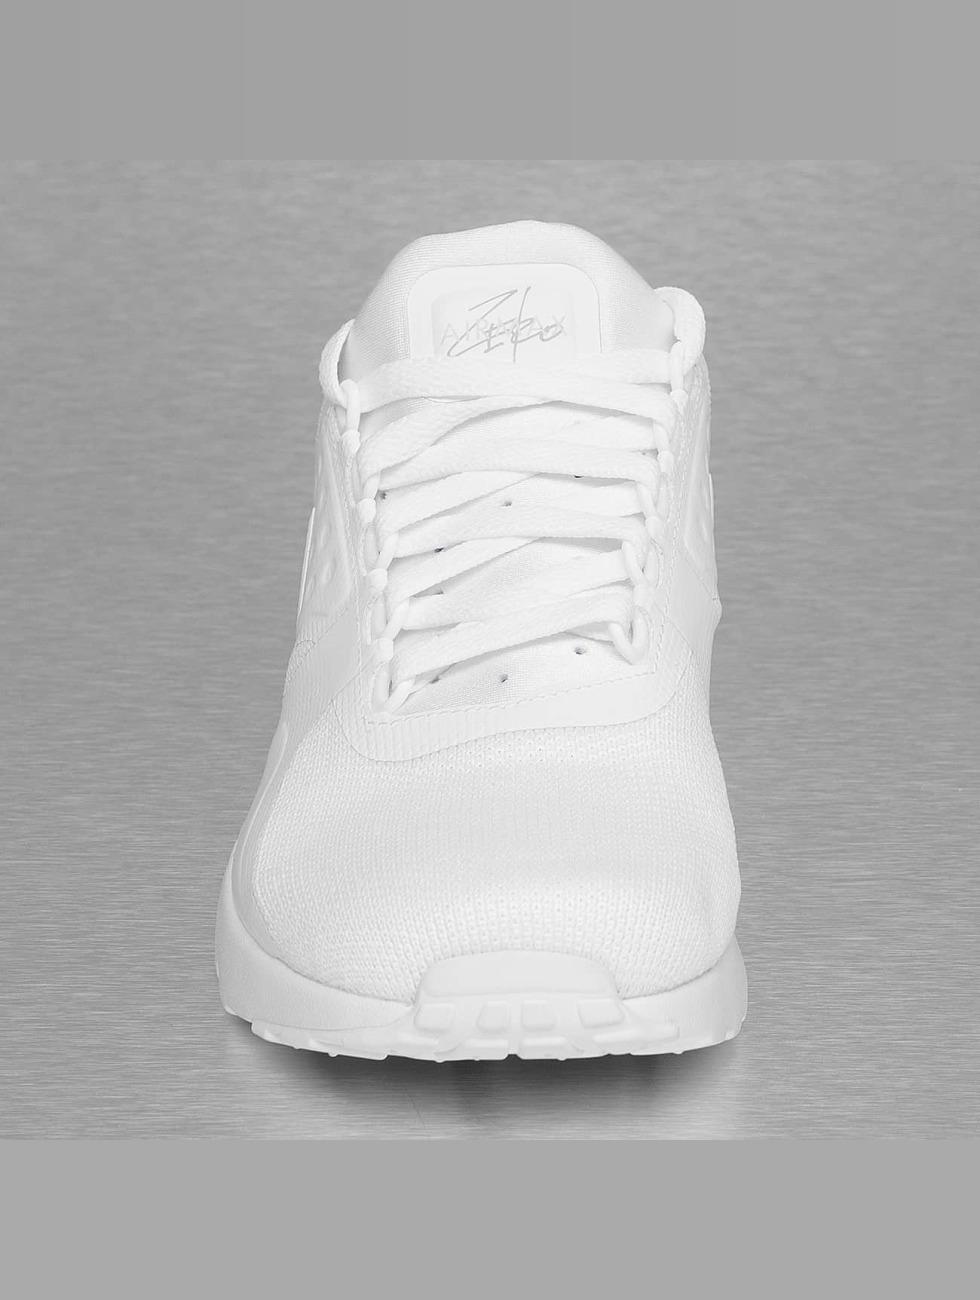 Acheter Pas Cher Large Gamme De Achat De Réduction Nike Schoen / Chaussure Air Max Zéro Dans L'esprit 295500 xzYlX